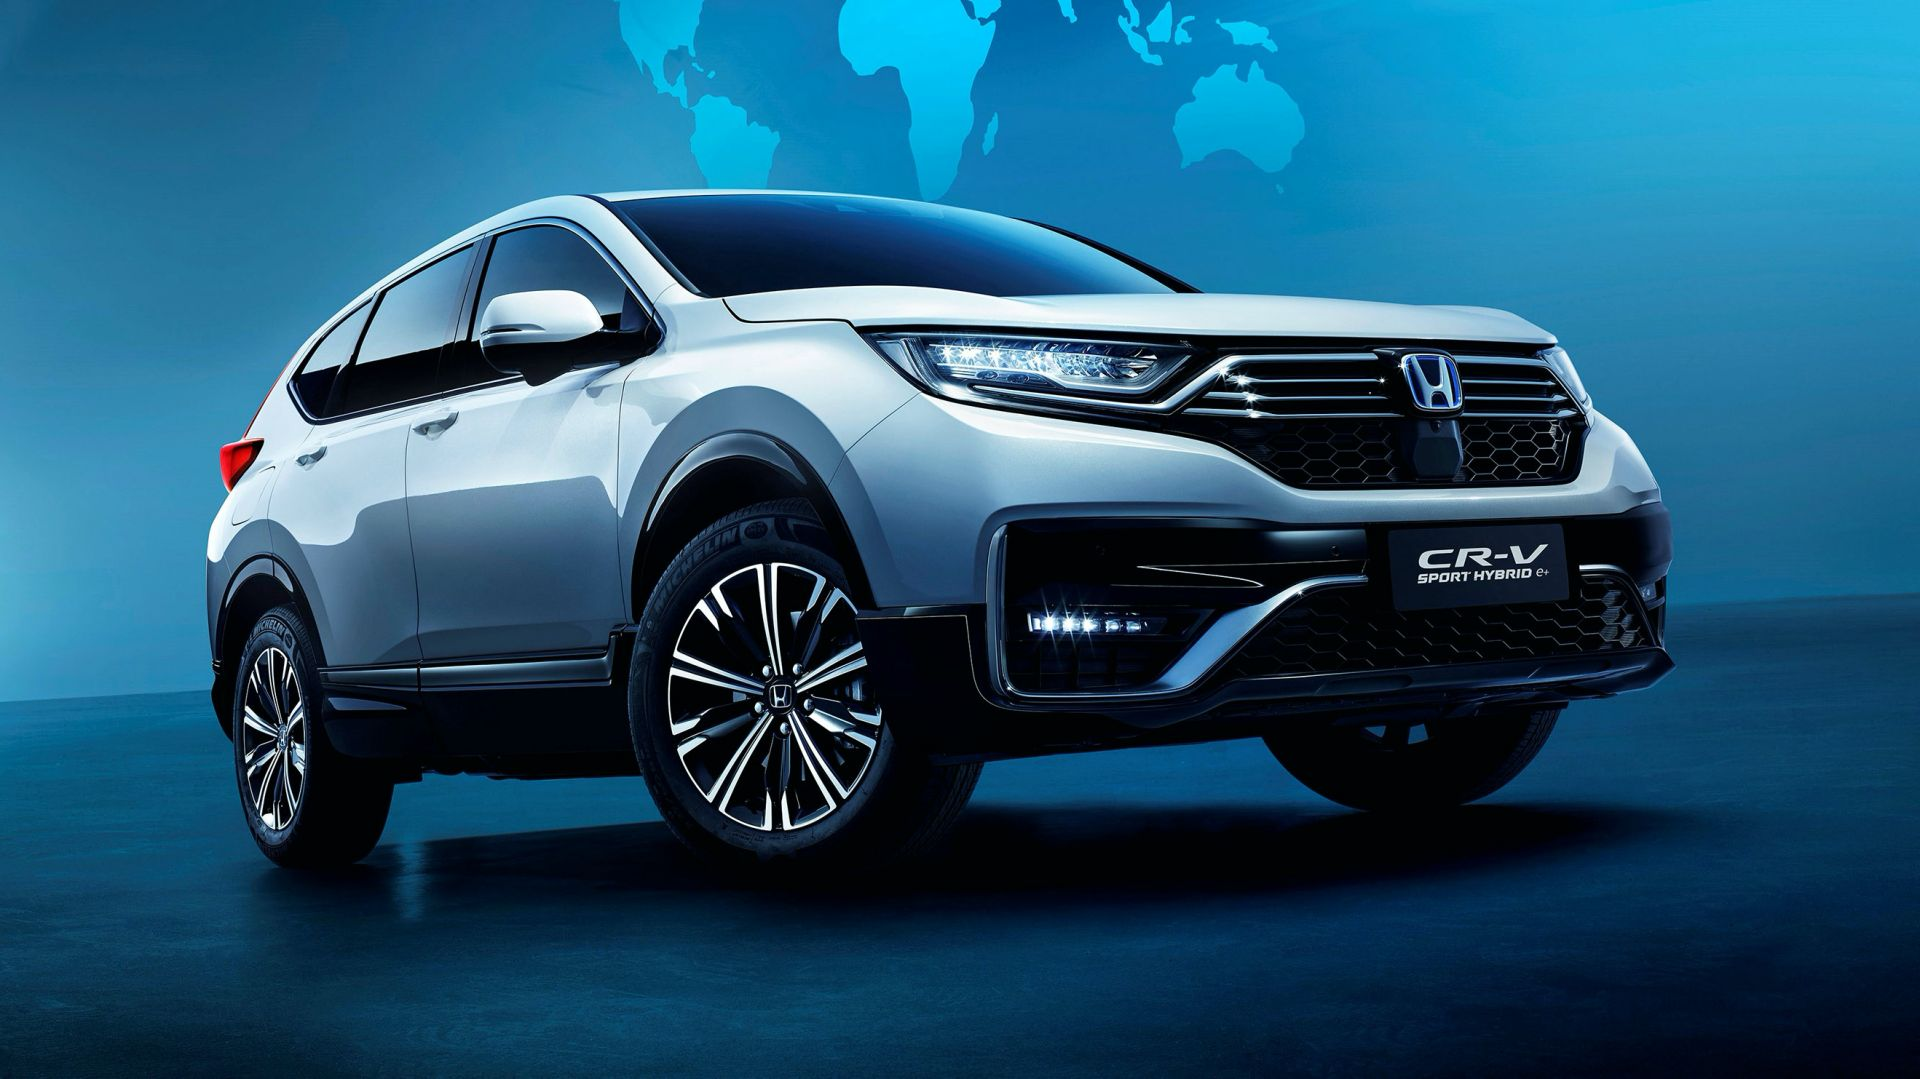 2021-Honda-CR-V-Sport-Hybrid-e-PHEV-China-spec.jpg